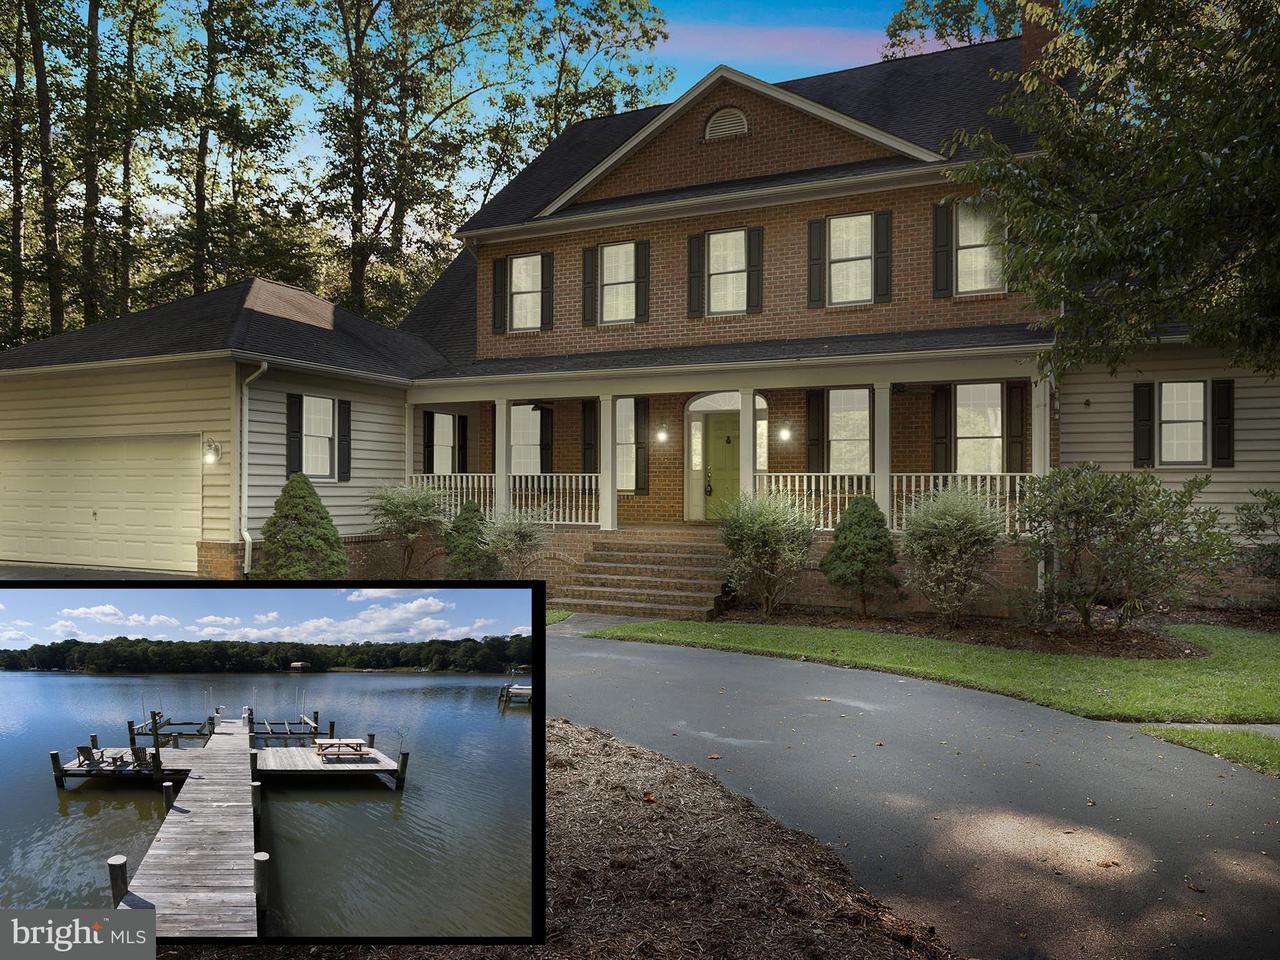 獨棟家庭住宅 為 出售 在 650 Tidehead Way 650 Tidehead Way Lusby, 馬里蘭州 20657 美國